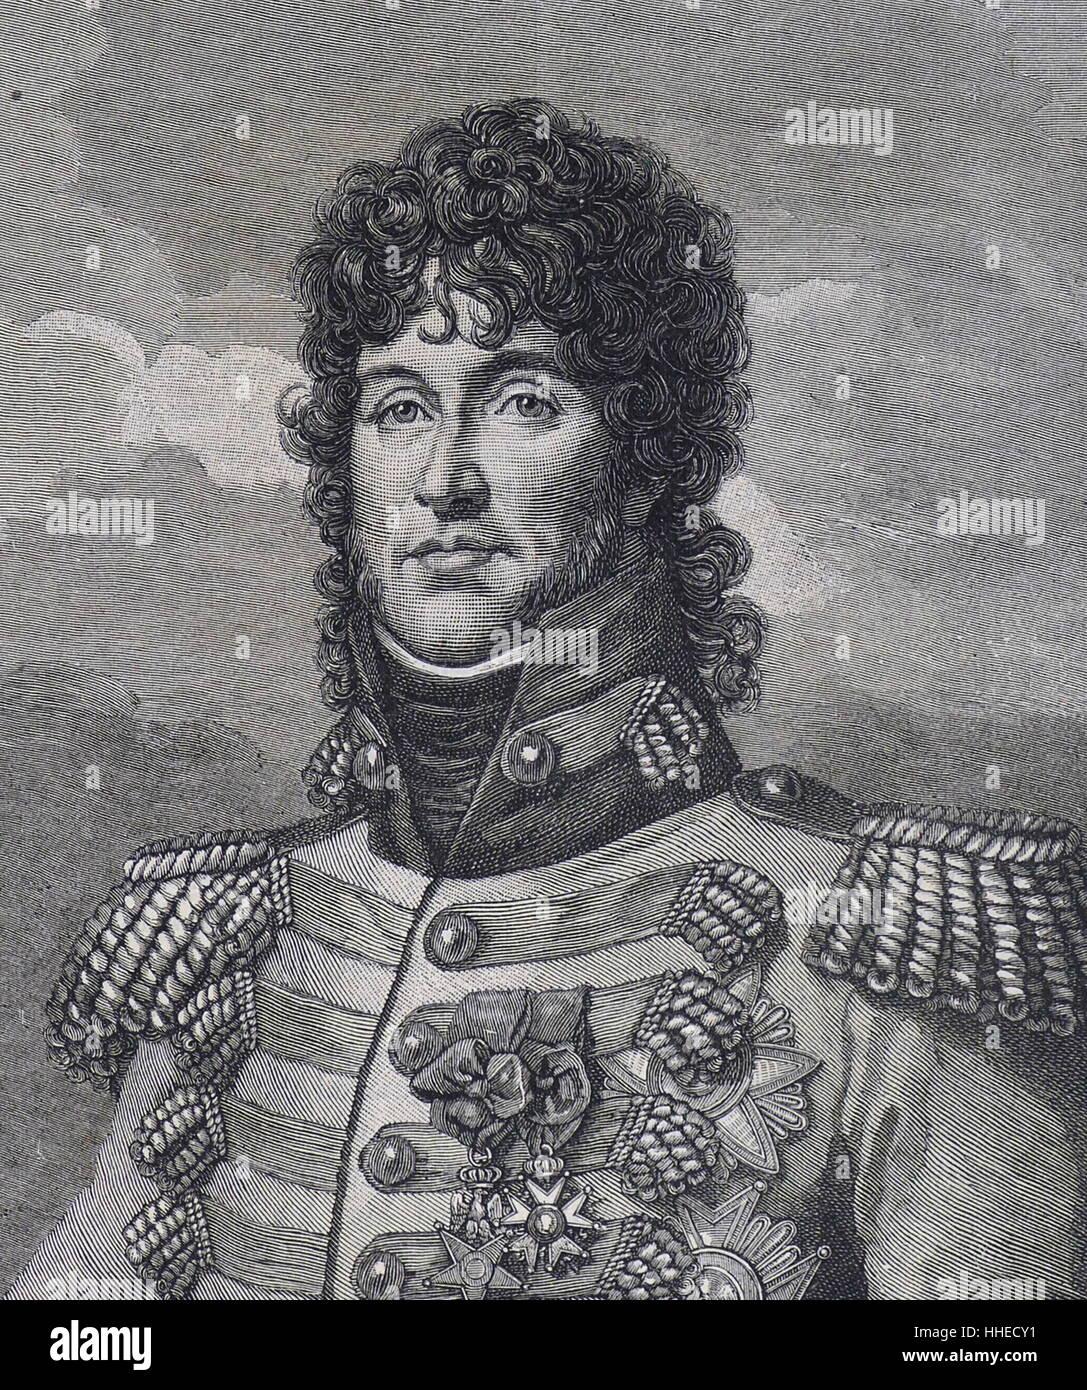 Joachim Murat (1767-1815). French soldier king of Naples 1808; - Stock Image